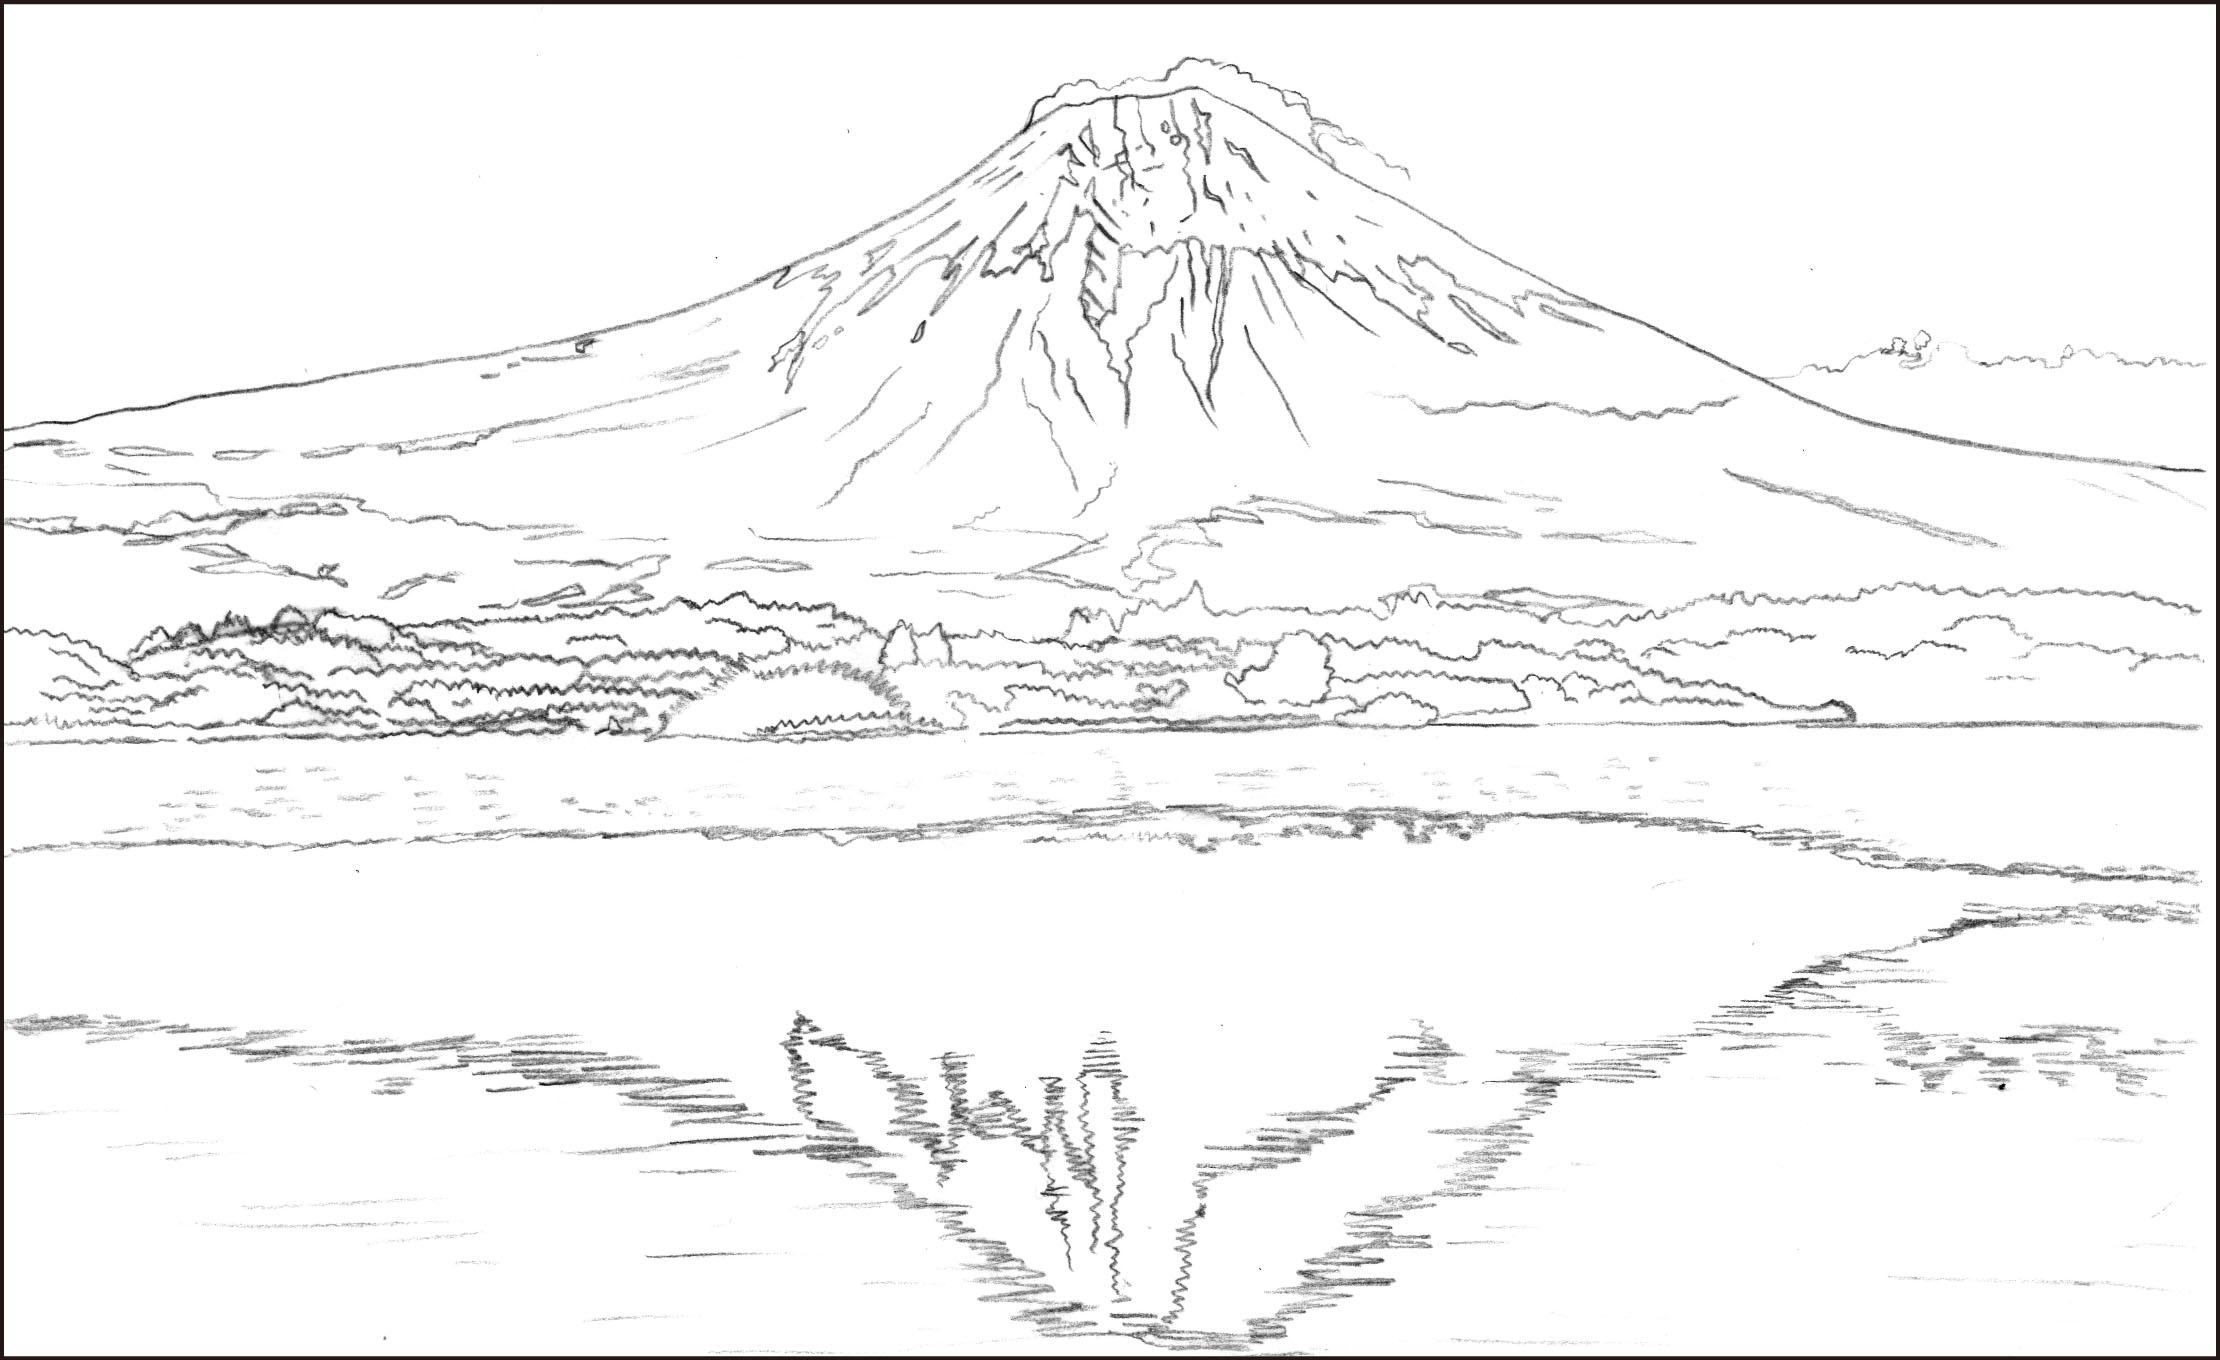 レク素材 富士山介護レク広場レク素材やレクネタ企画書の無料